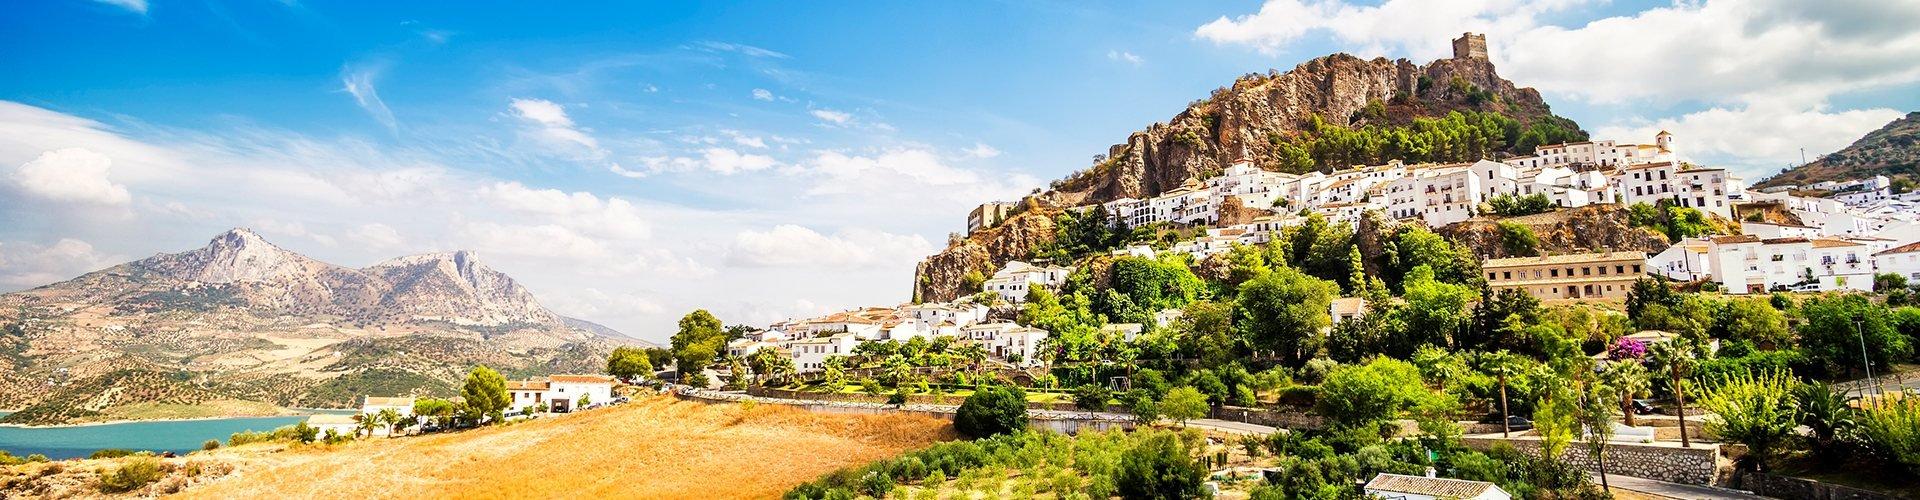 Familienurlaub auf dem spanischen Festland